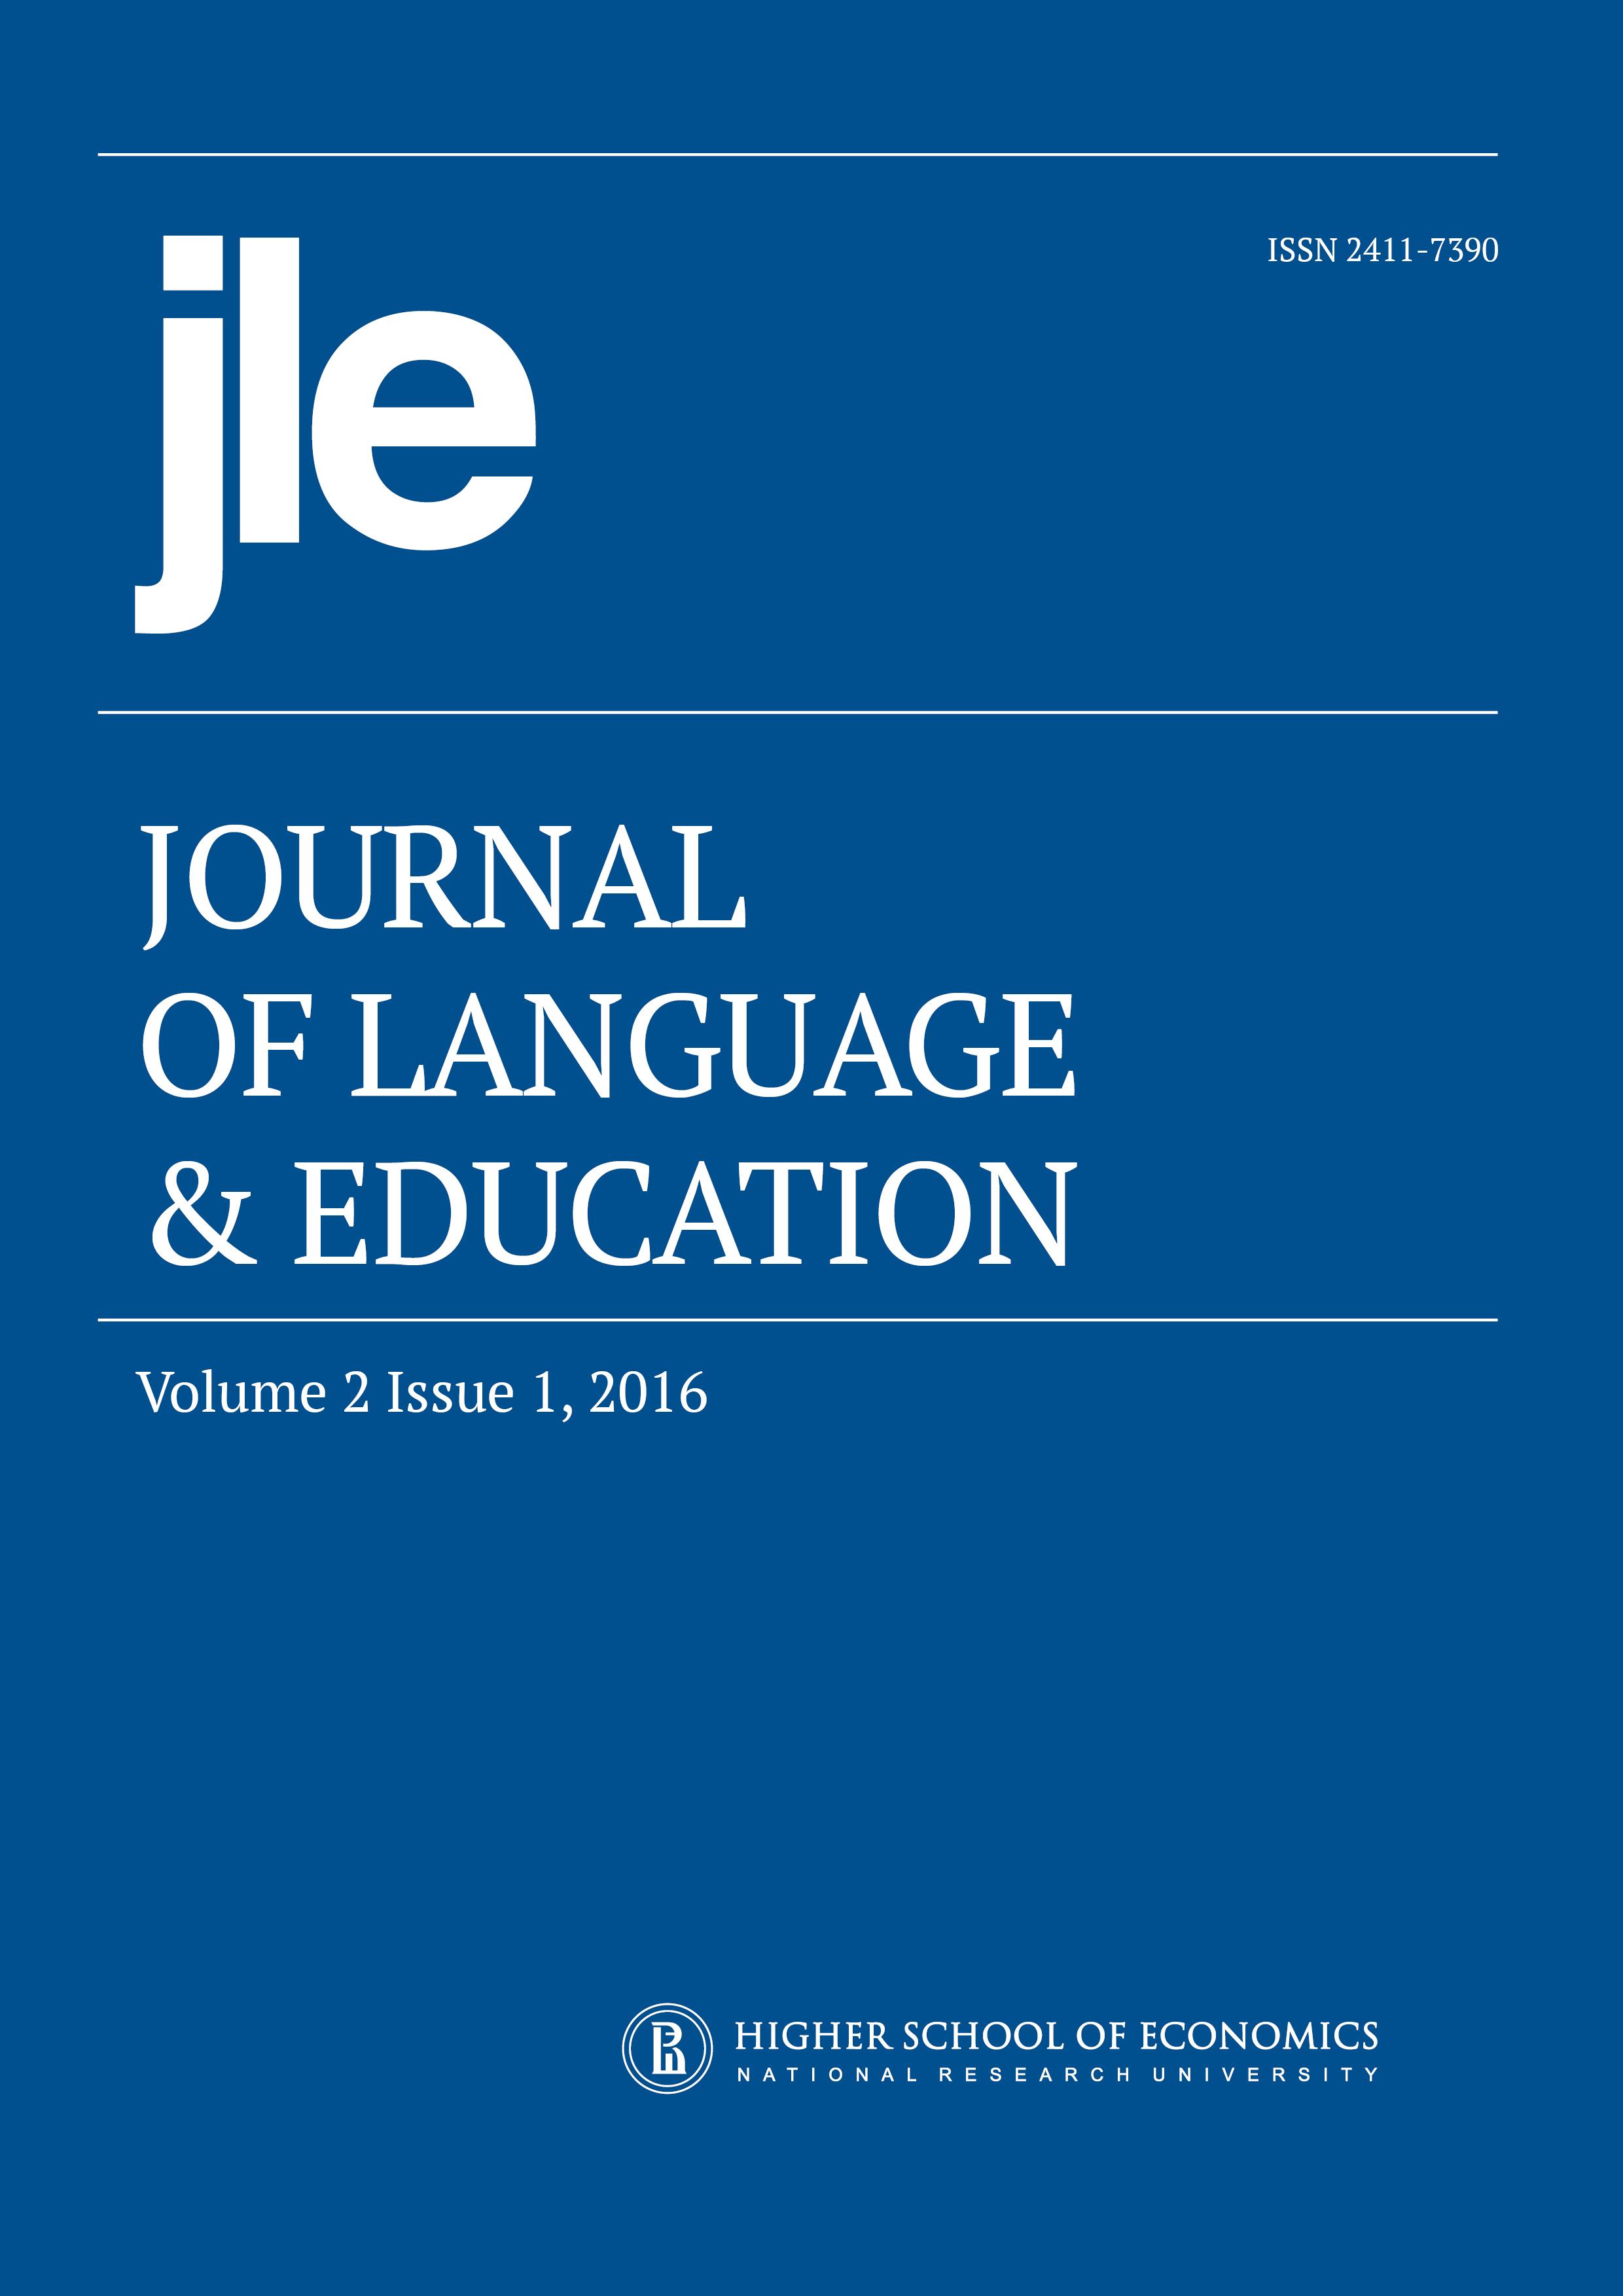 Volume 2 Issue 1, 2016